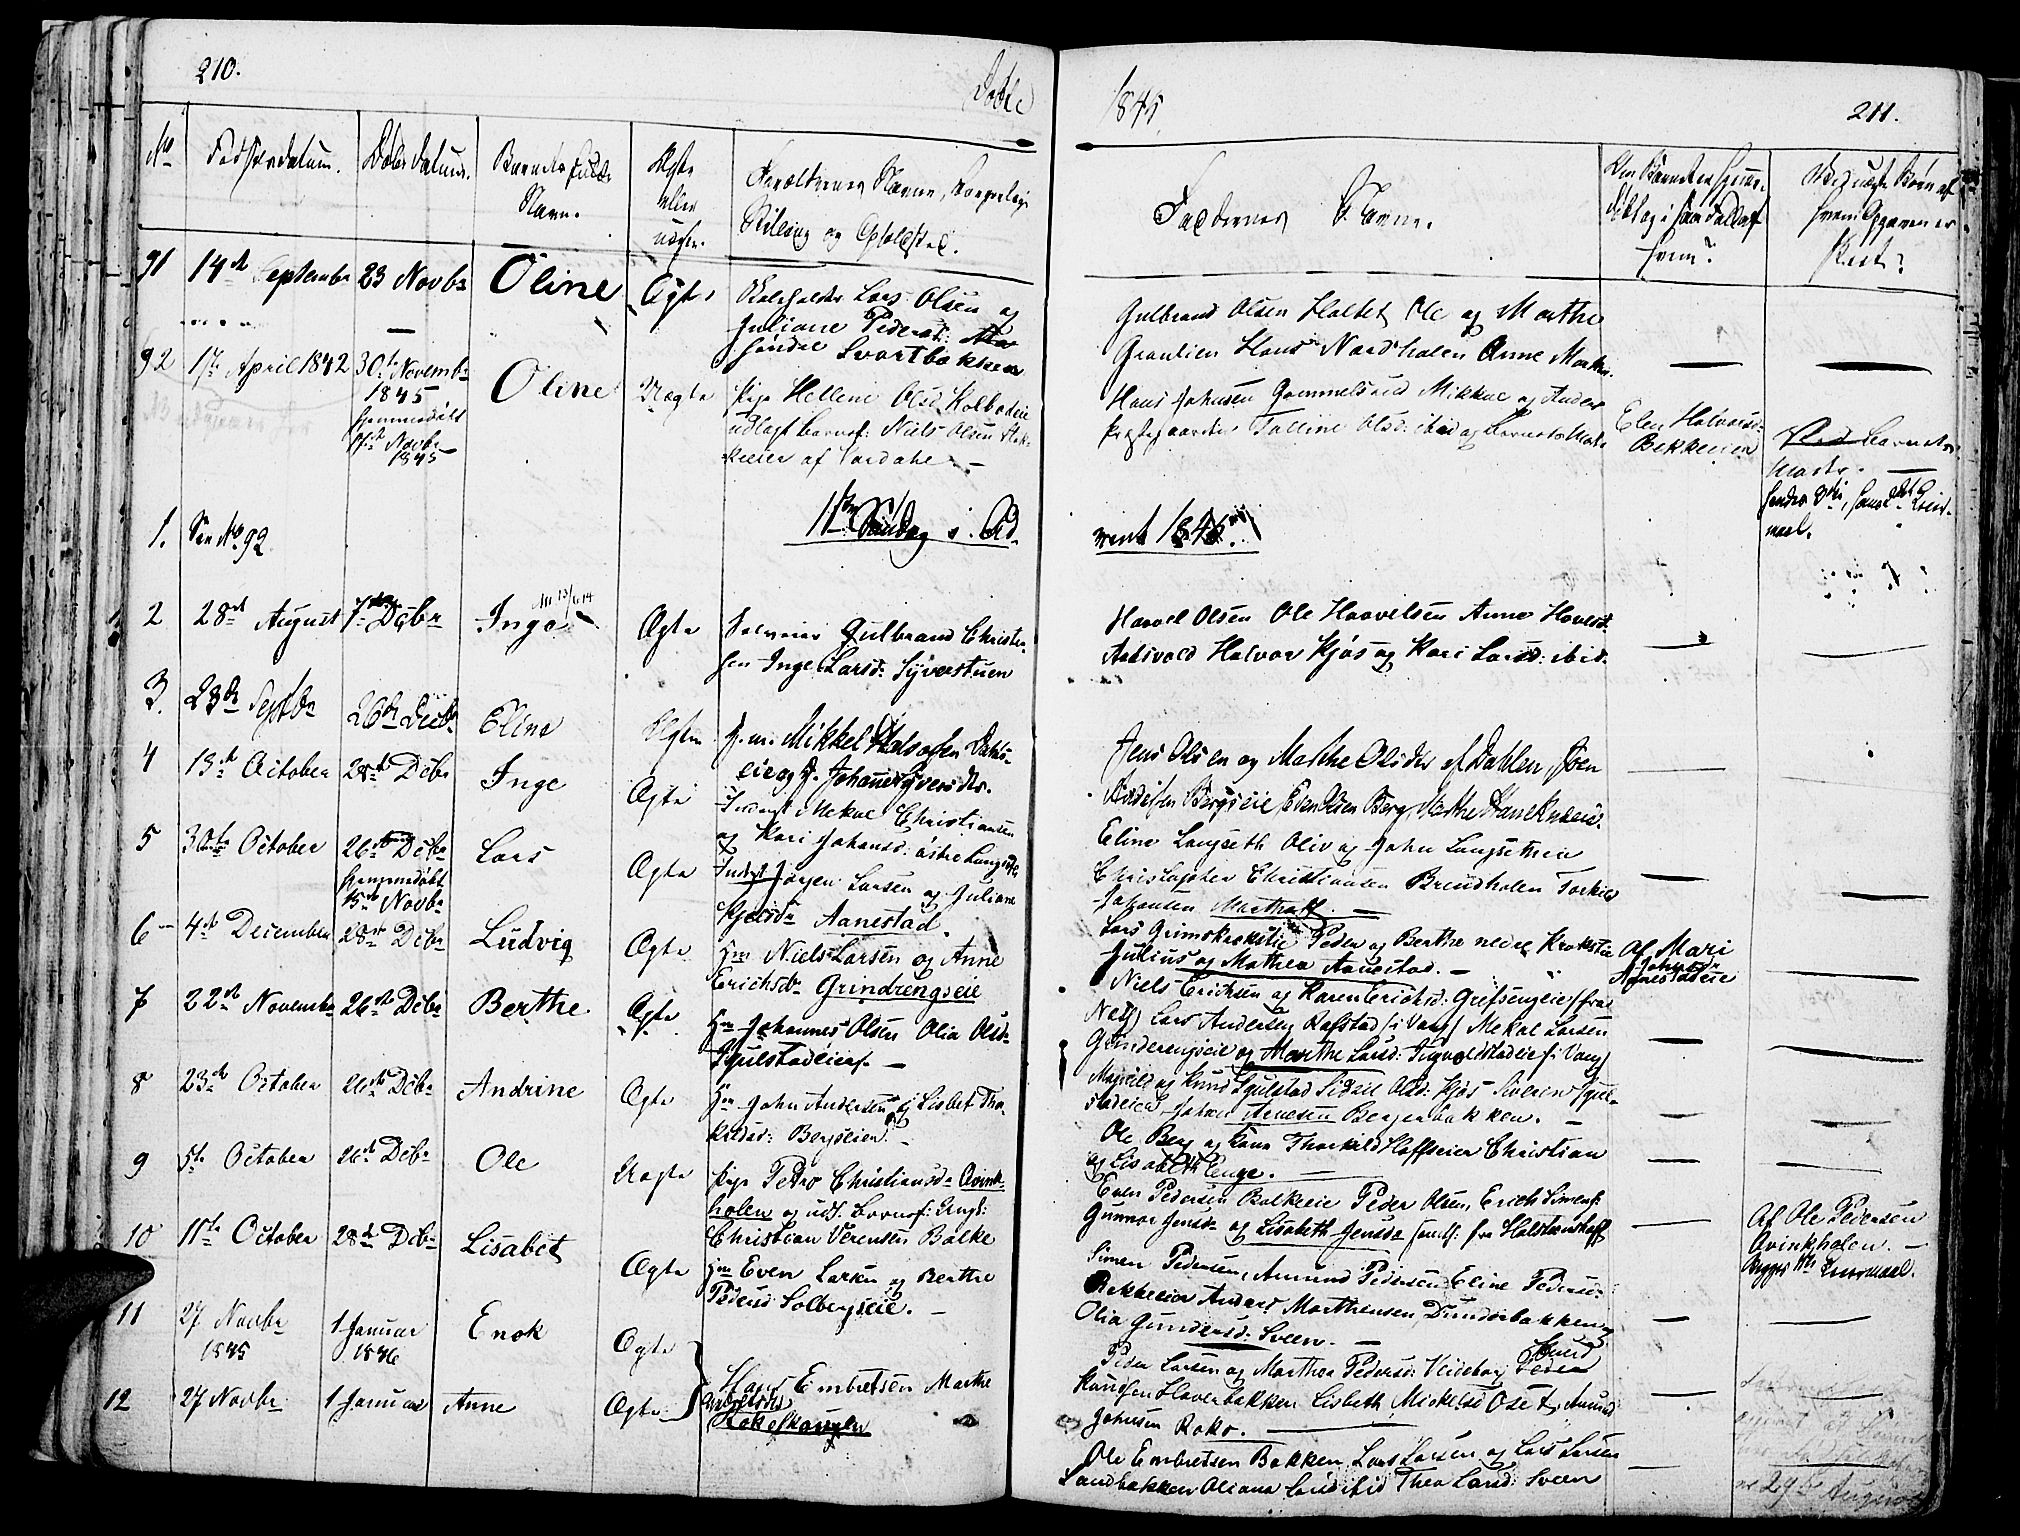 SAH, Løten prestekontor, K/Ka/L0006: Parish register (official) no. 6, 1832-1849, p. 210-211